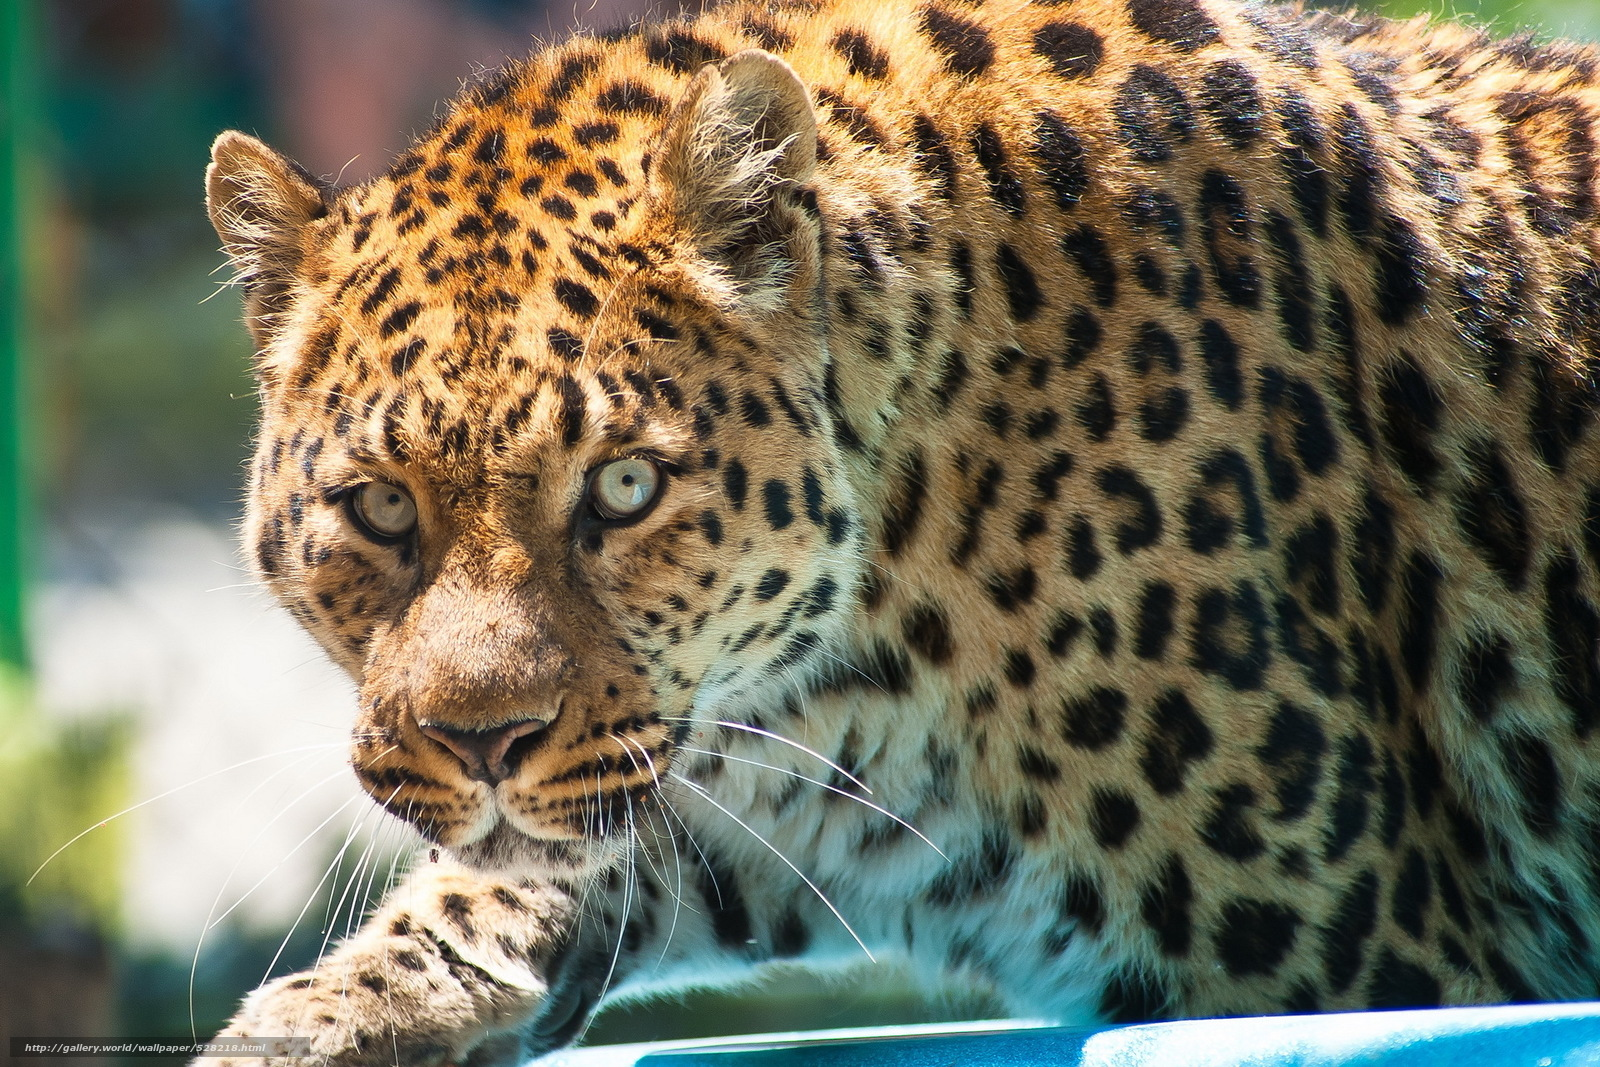 Скачать обои леопард,  leopard,  морда,  взгляд бесплатно для рабочего стола в разрешении 1920x1280 — картинка №528218